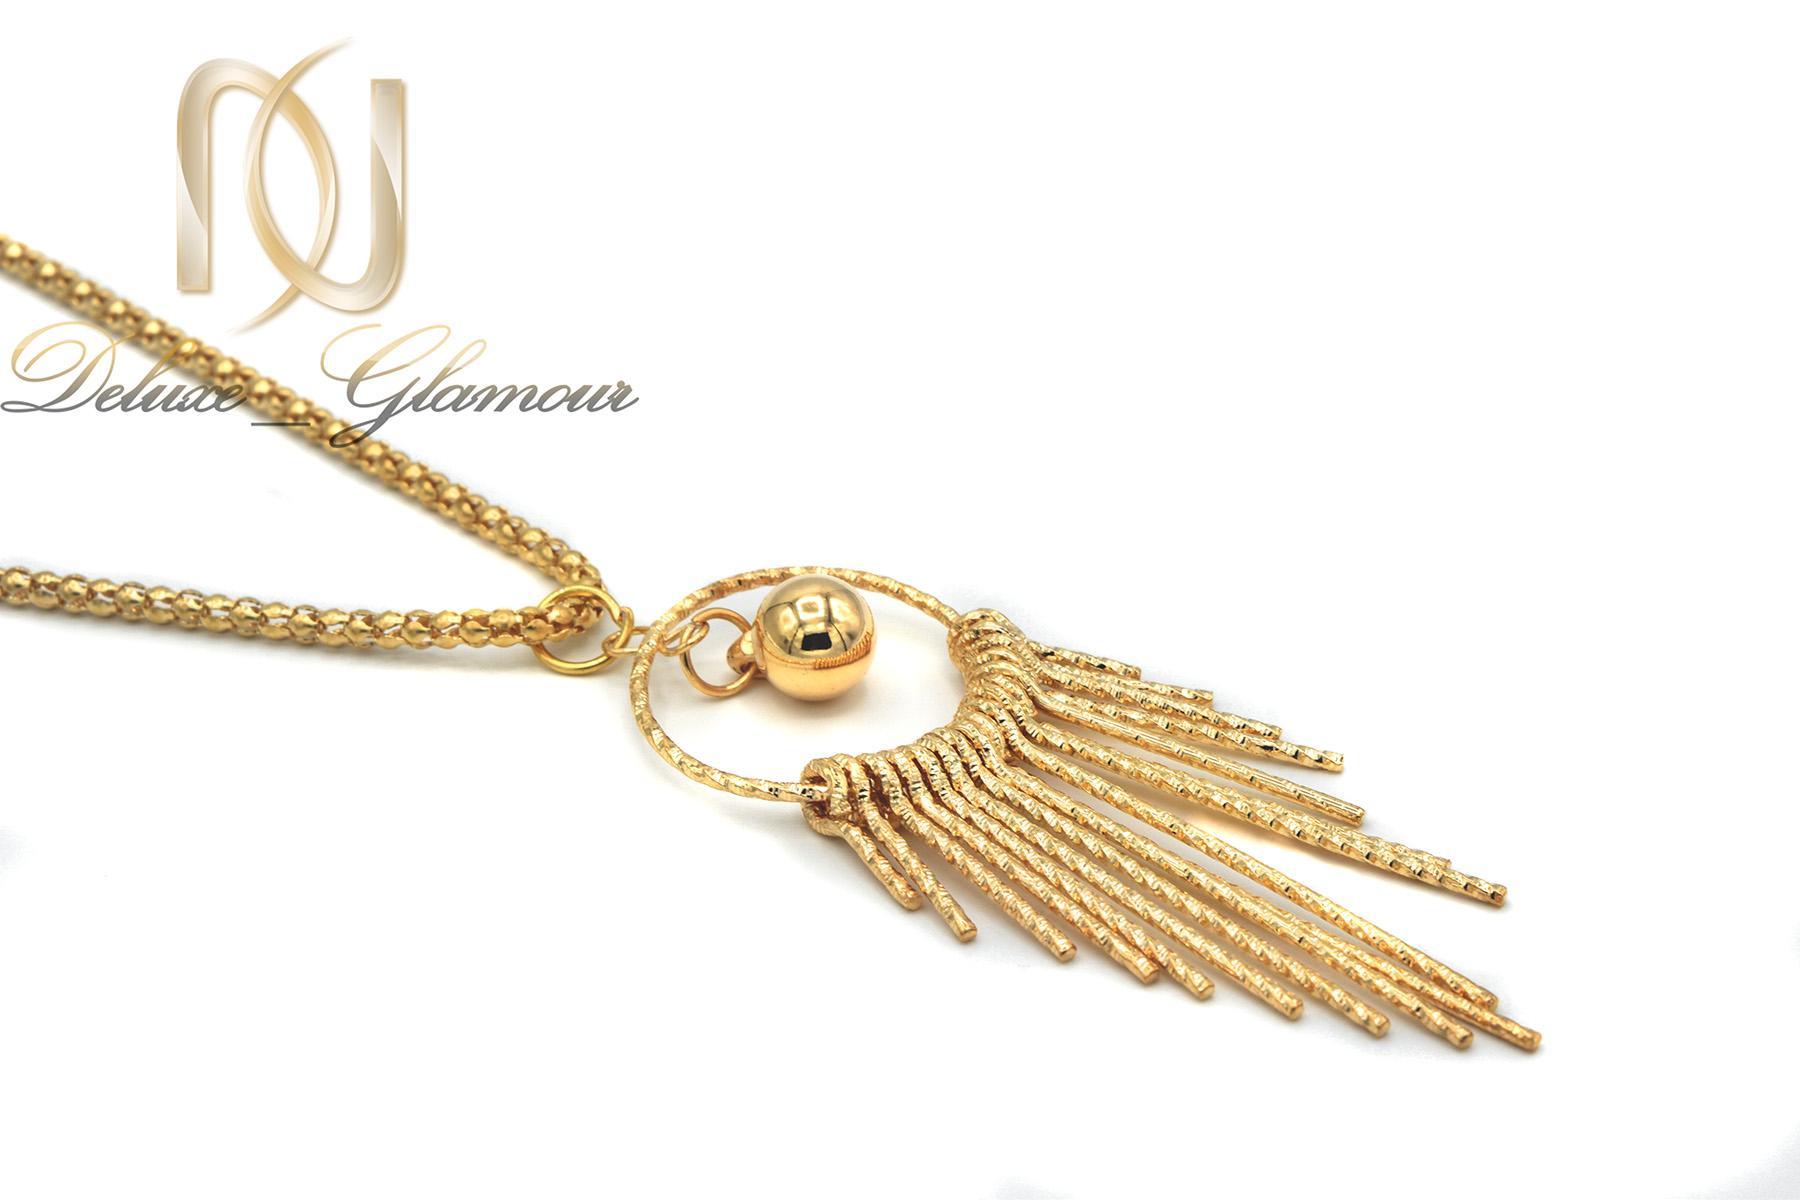 گردنبند رومانتویی بلند طرح طلا nw-n443 از نماي كنار